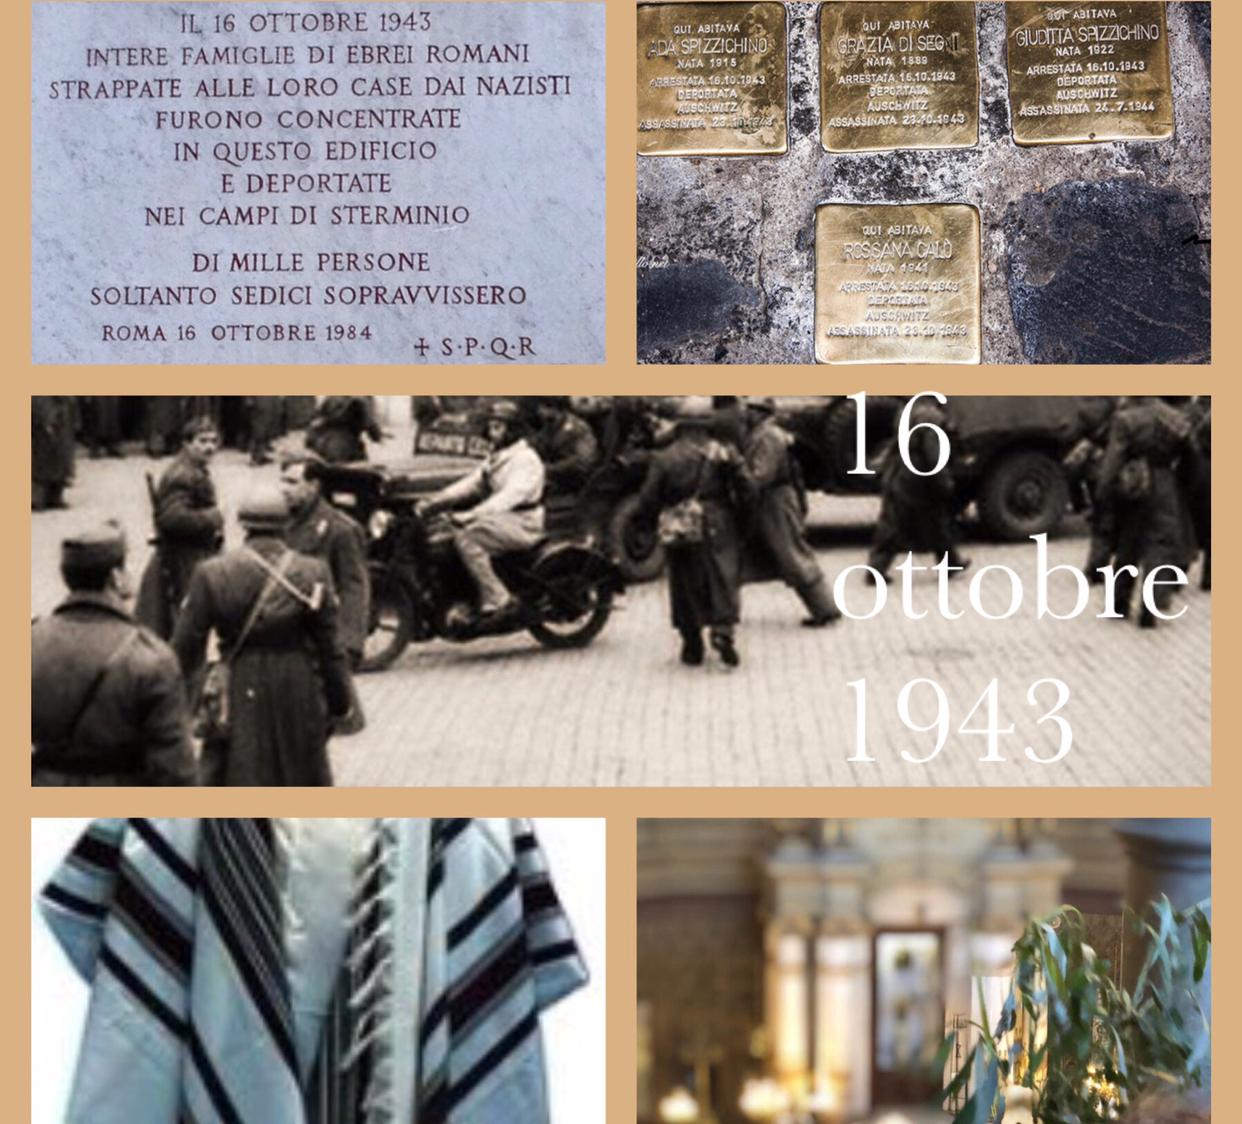 16 ottoibre 1943